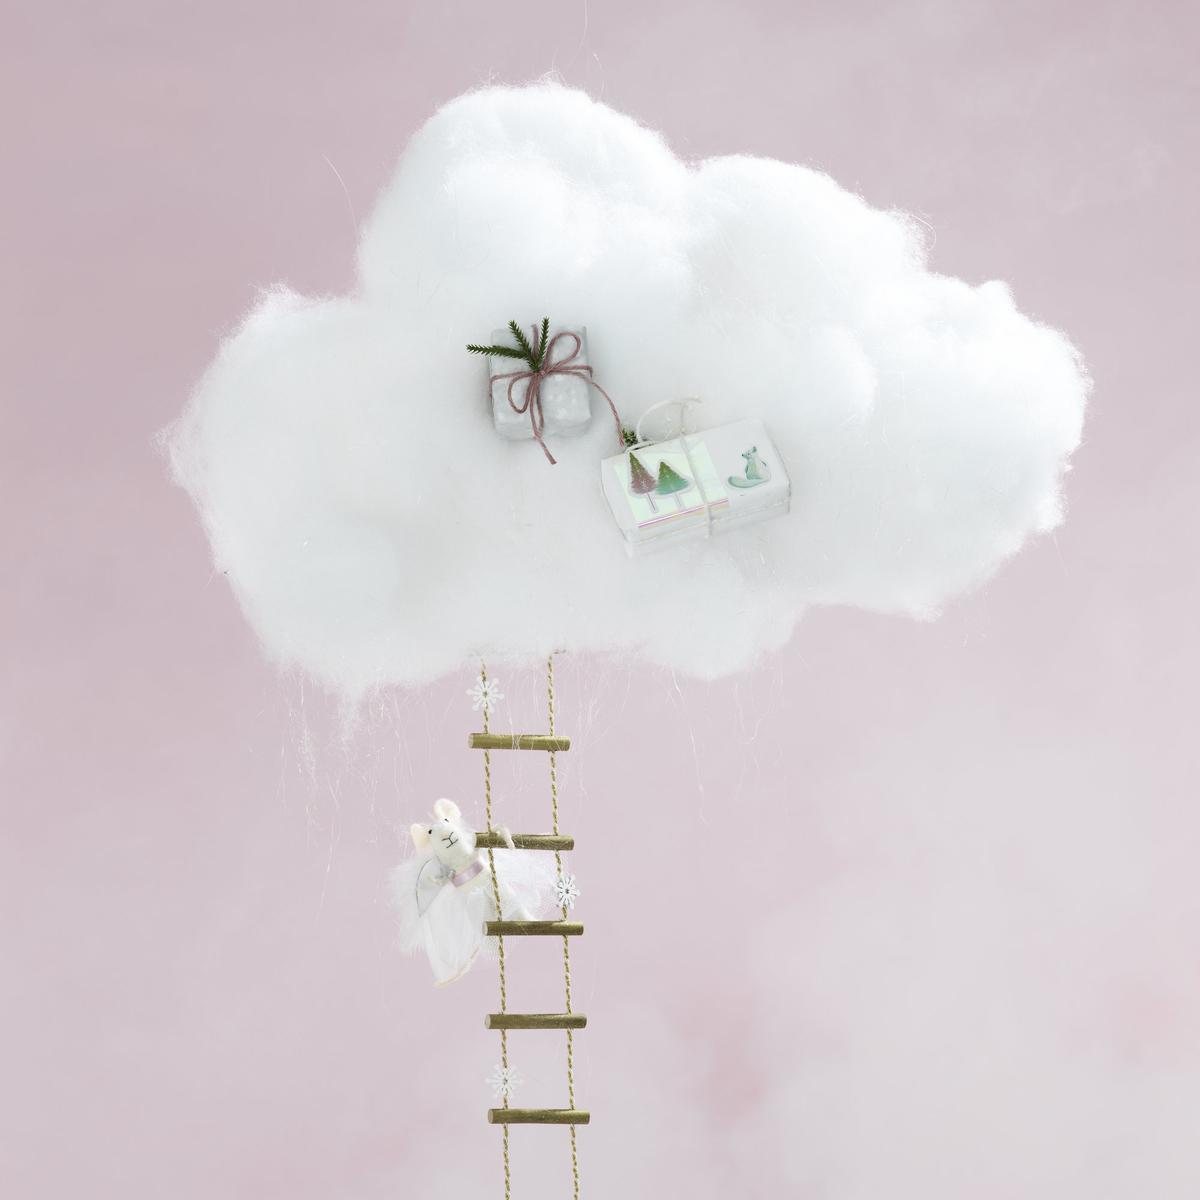 Frøken mus klatrer høyt